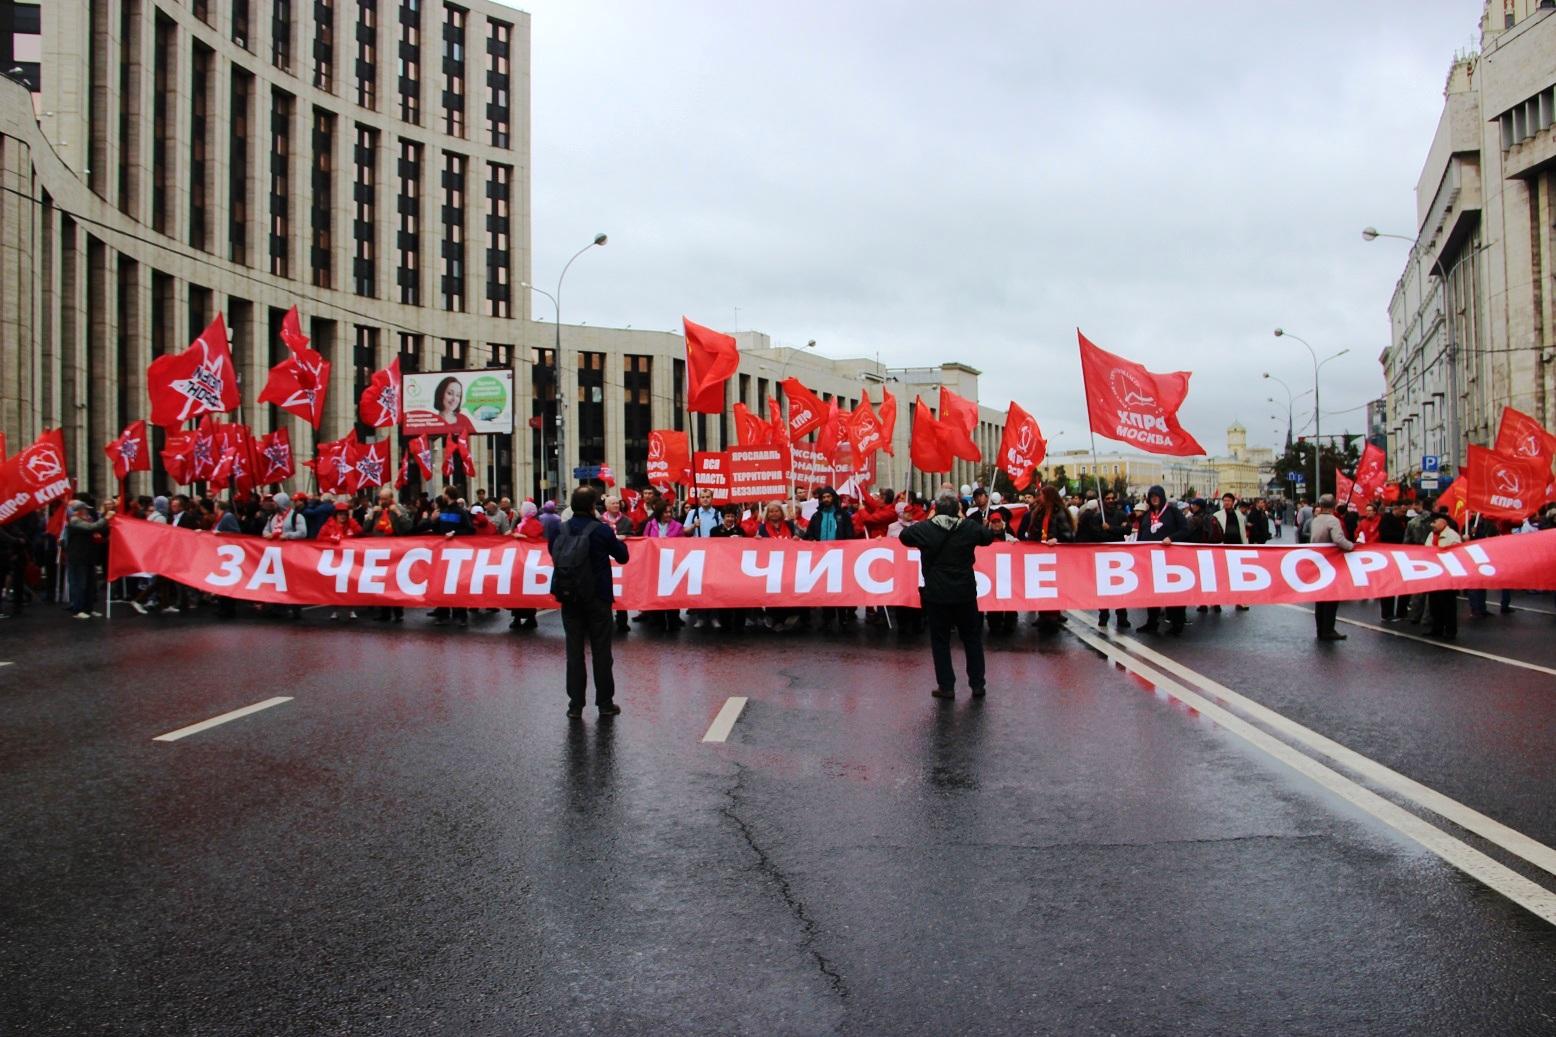 Резолюция митинга «За честные и чистые выборы»